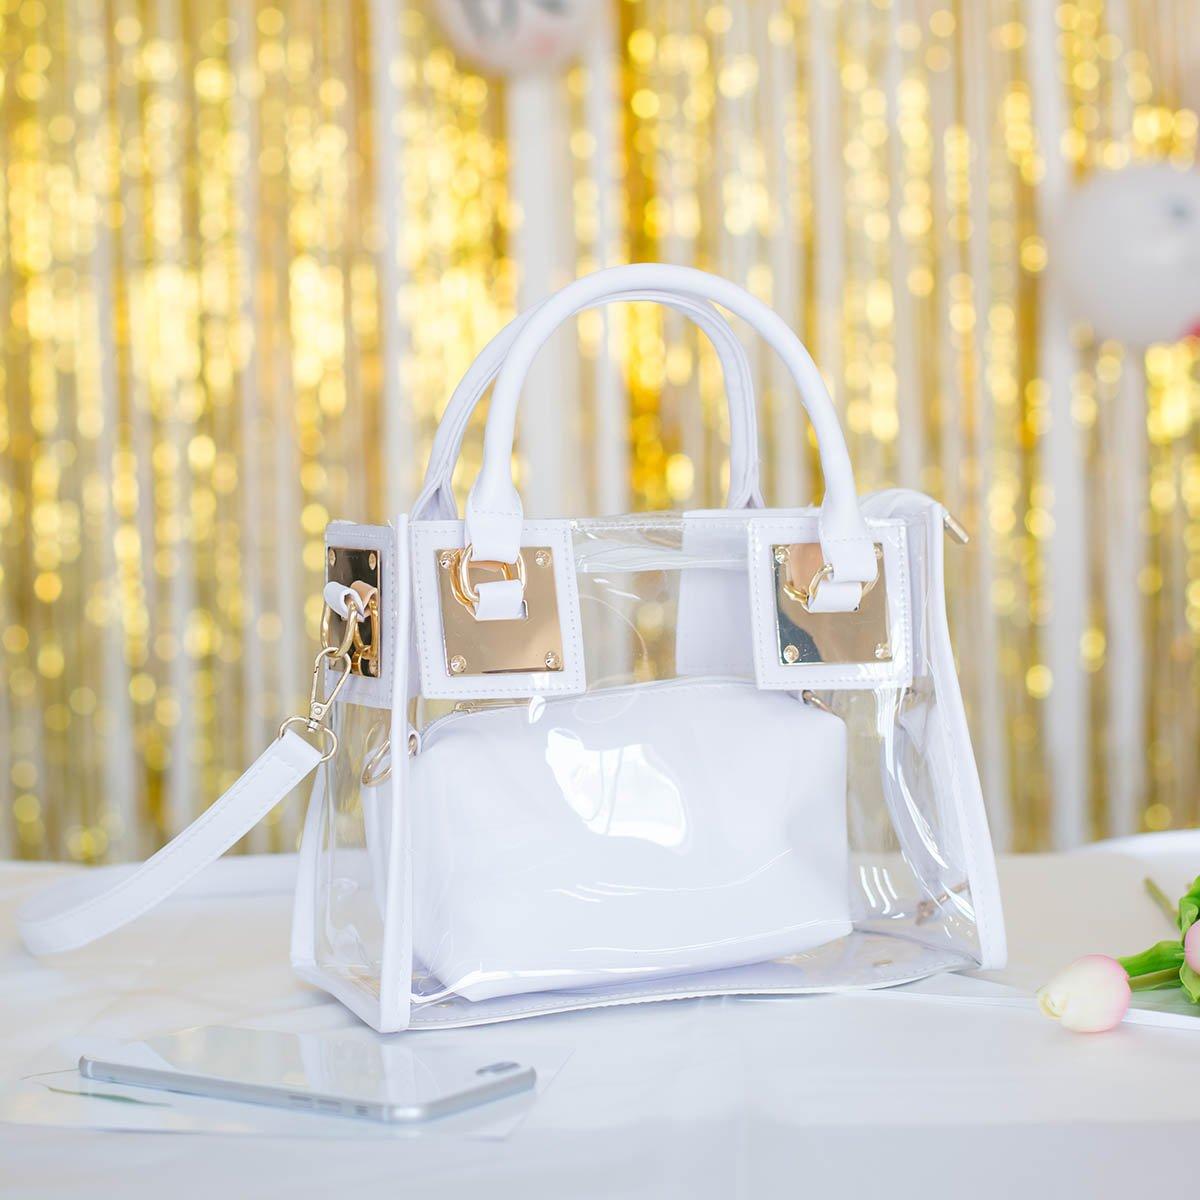 Veraniego bolso transparente con muy buena calidad y tamaño ideal para el día a dia.